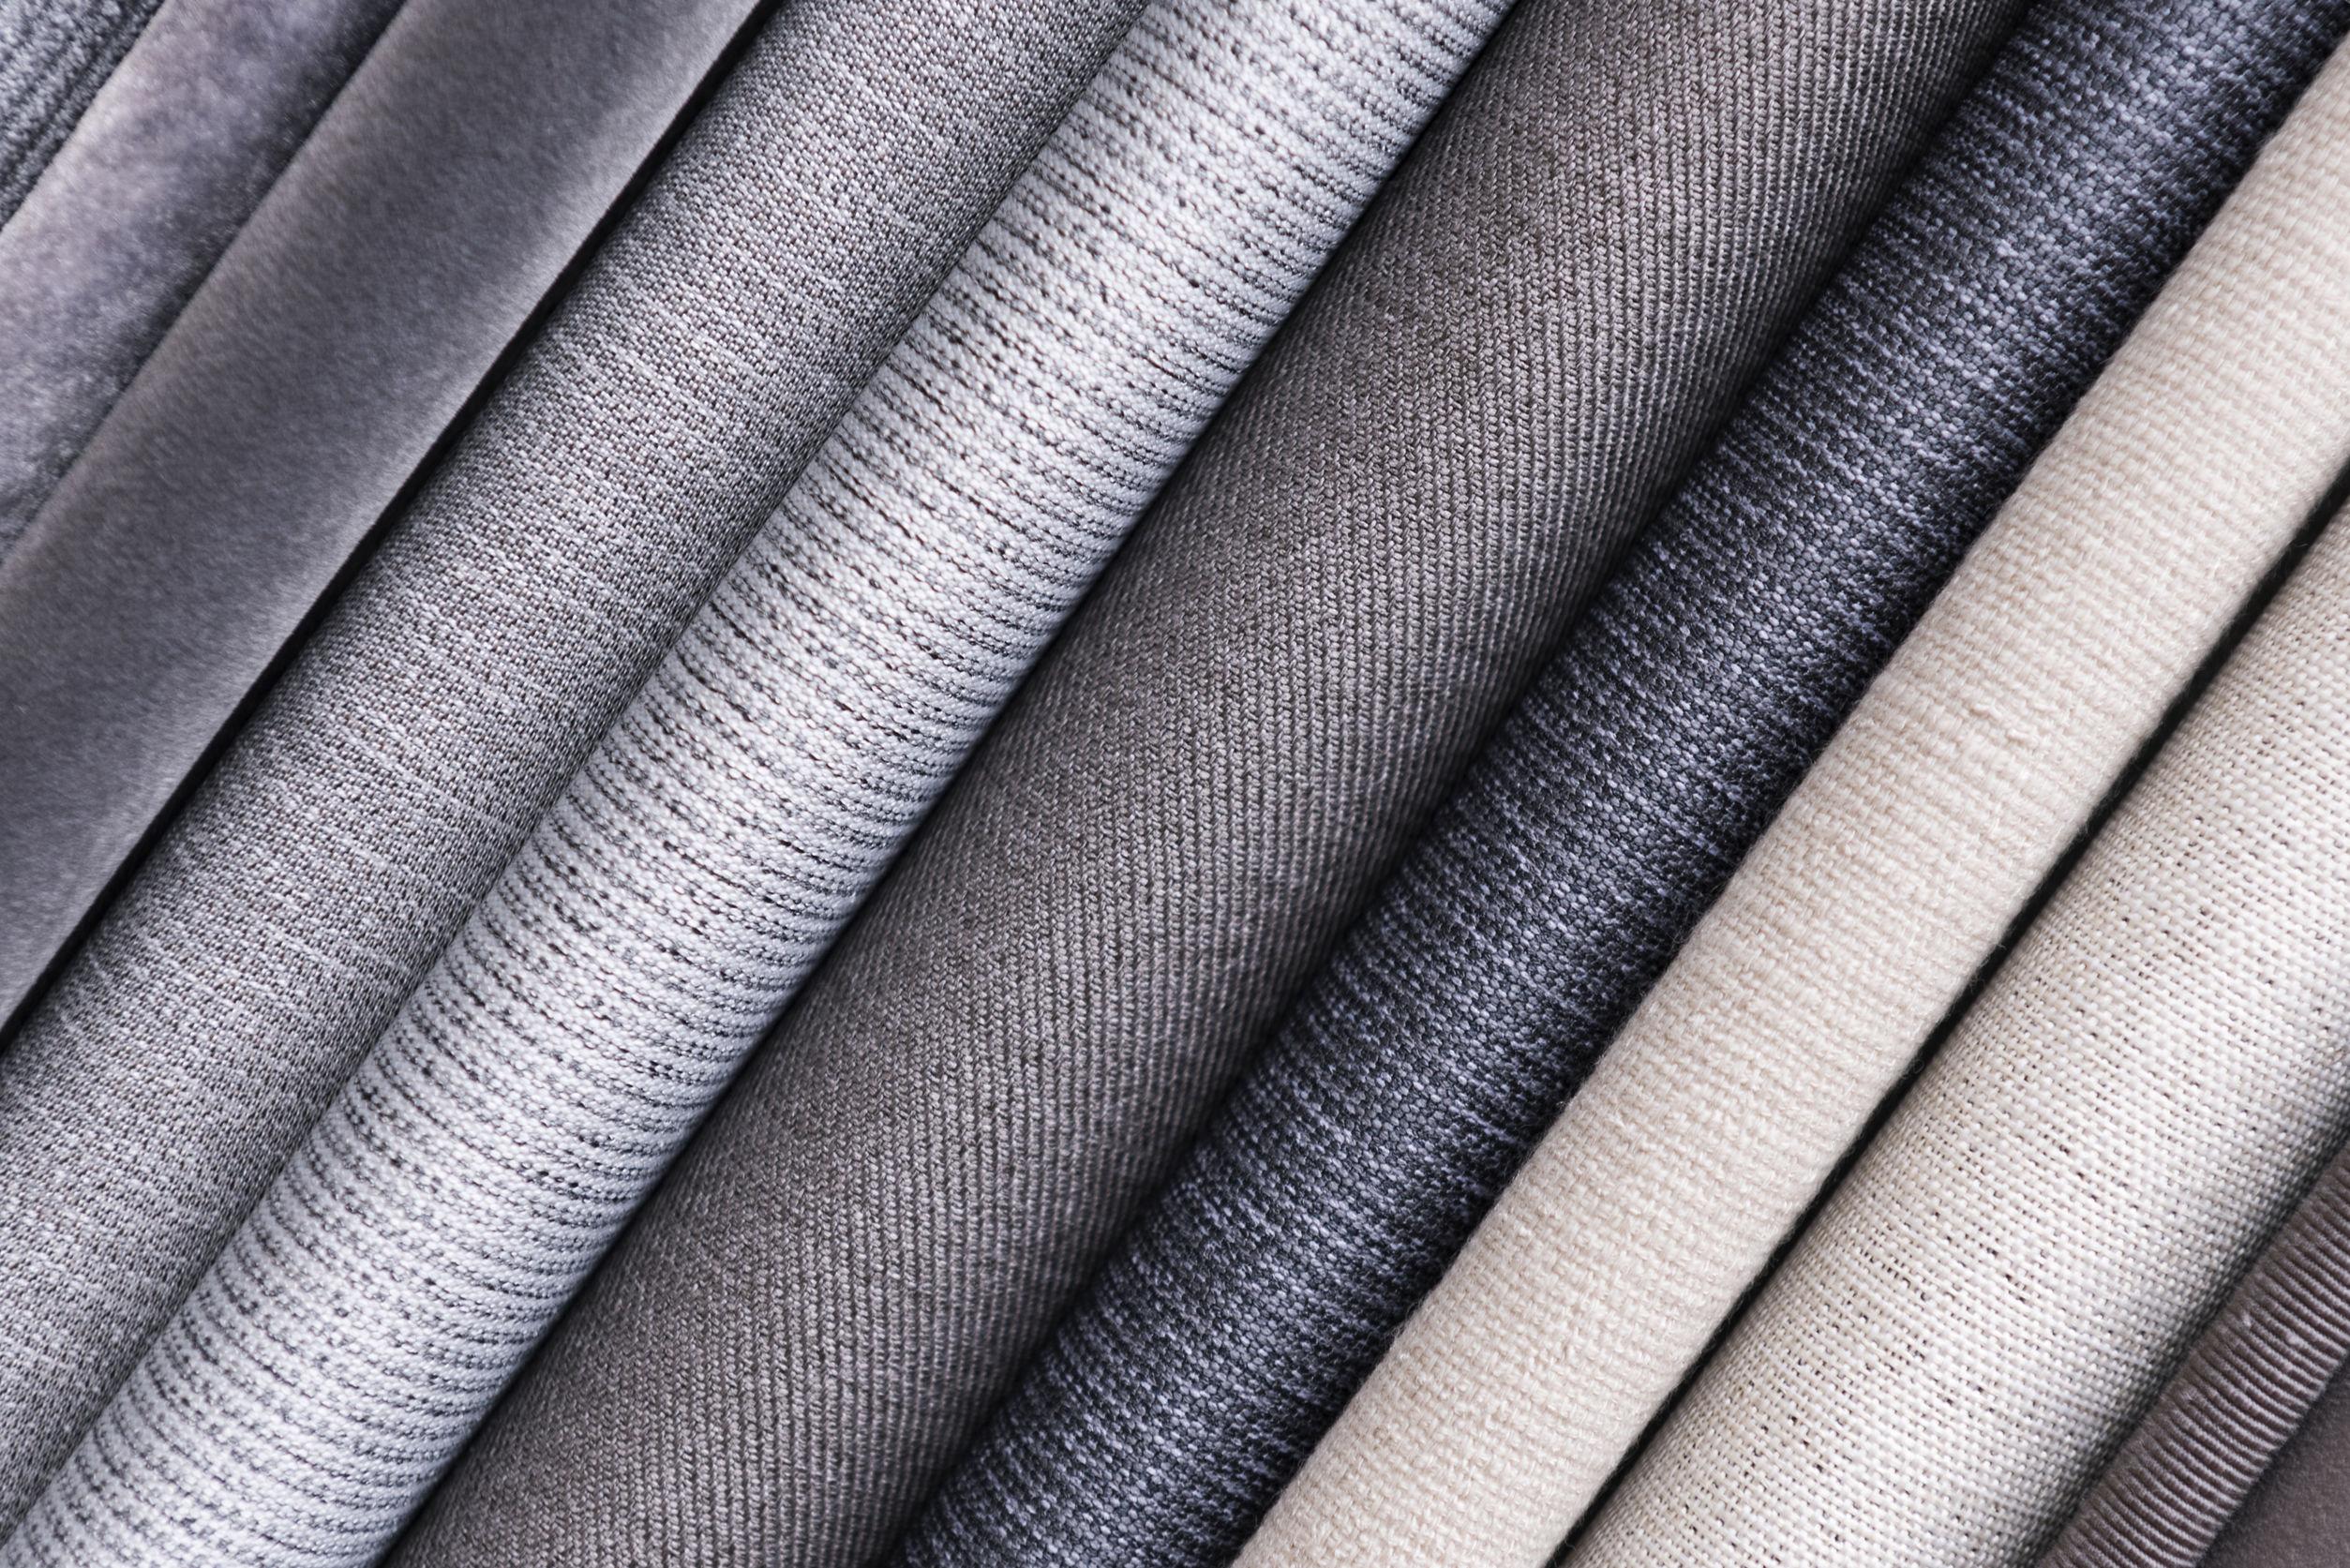 textilimpraegnierer